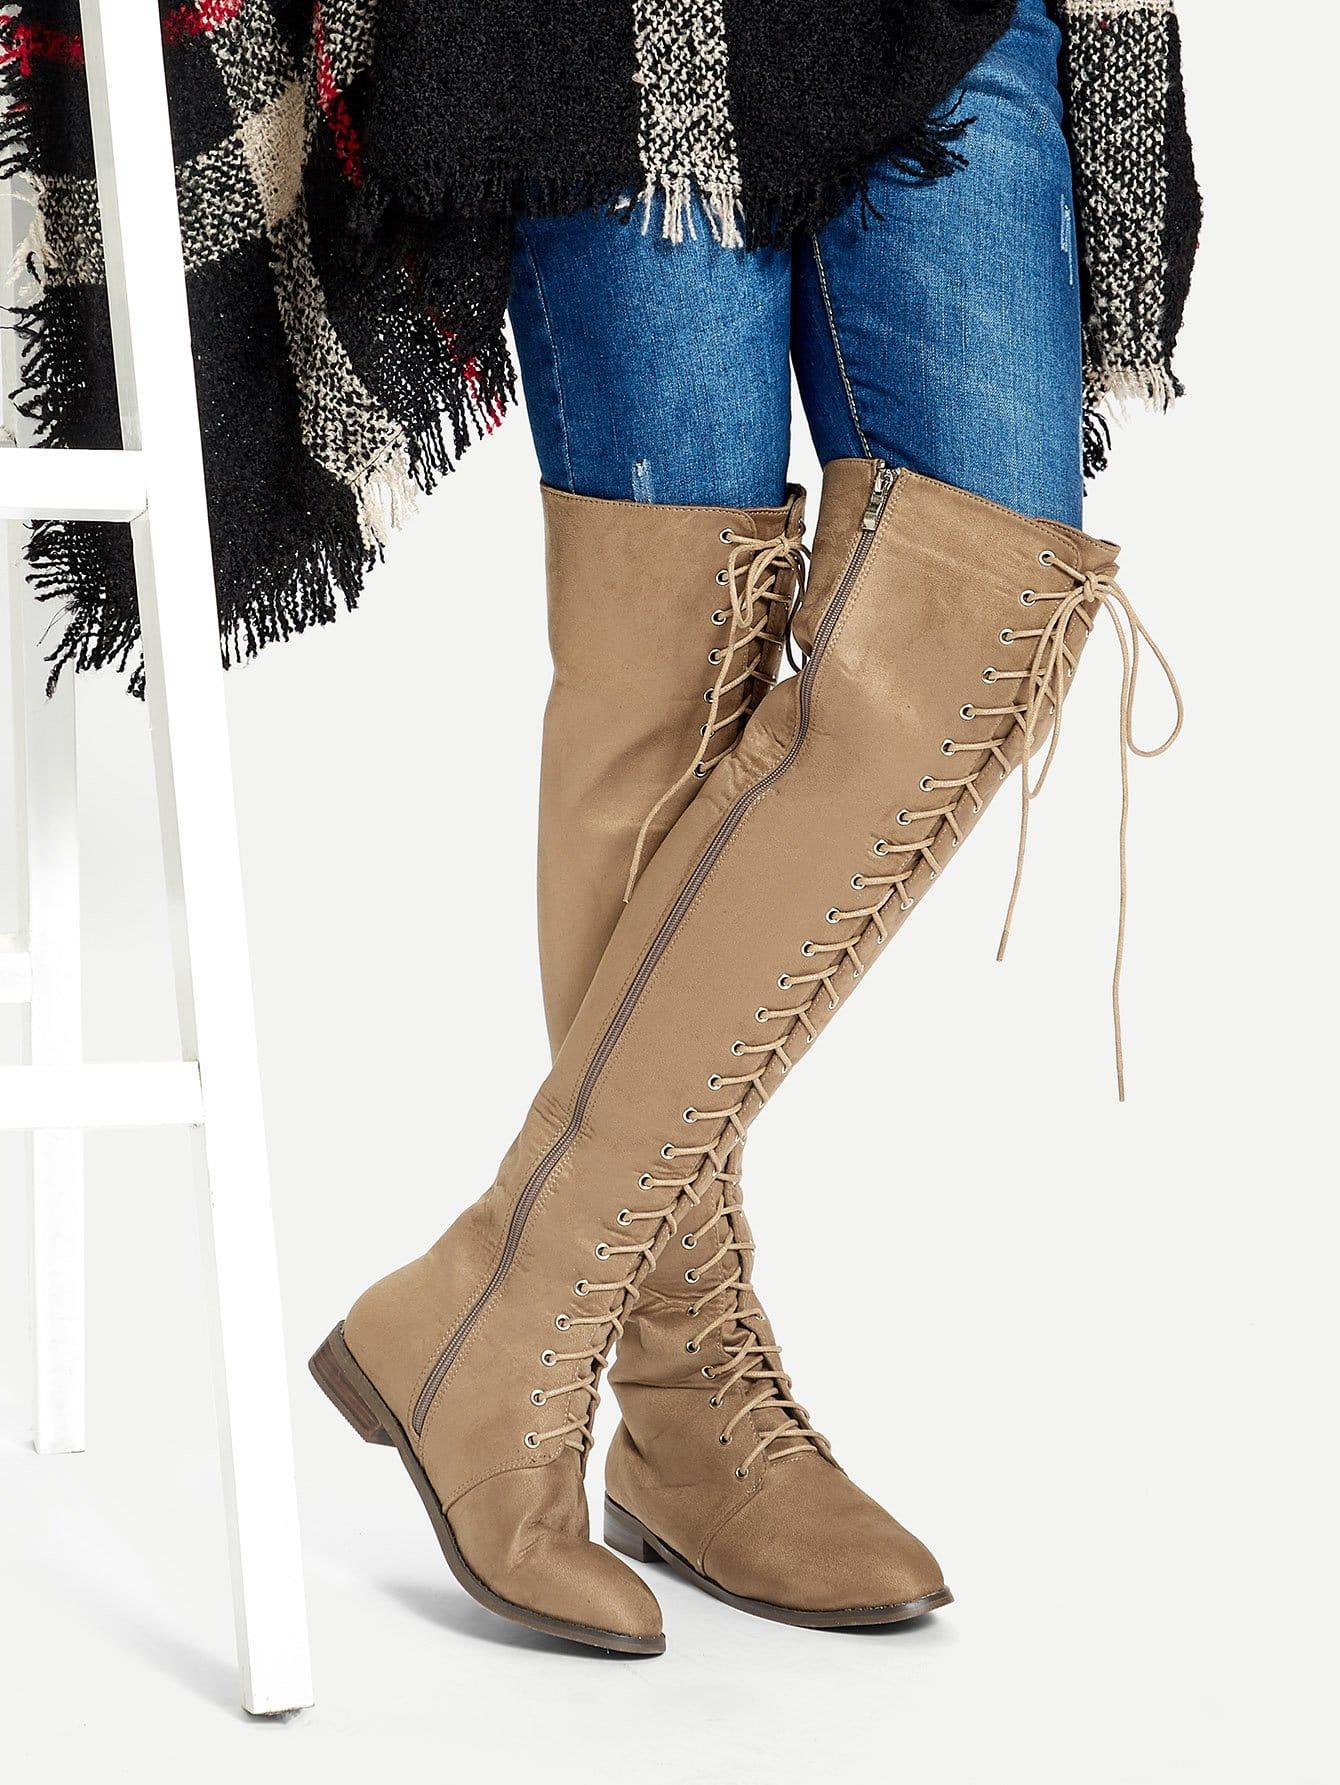 Купить Вязаные высокие сапоги с шнурками, null, SheIn